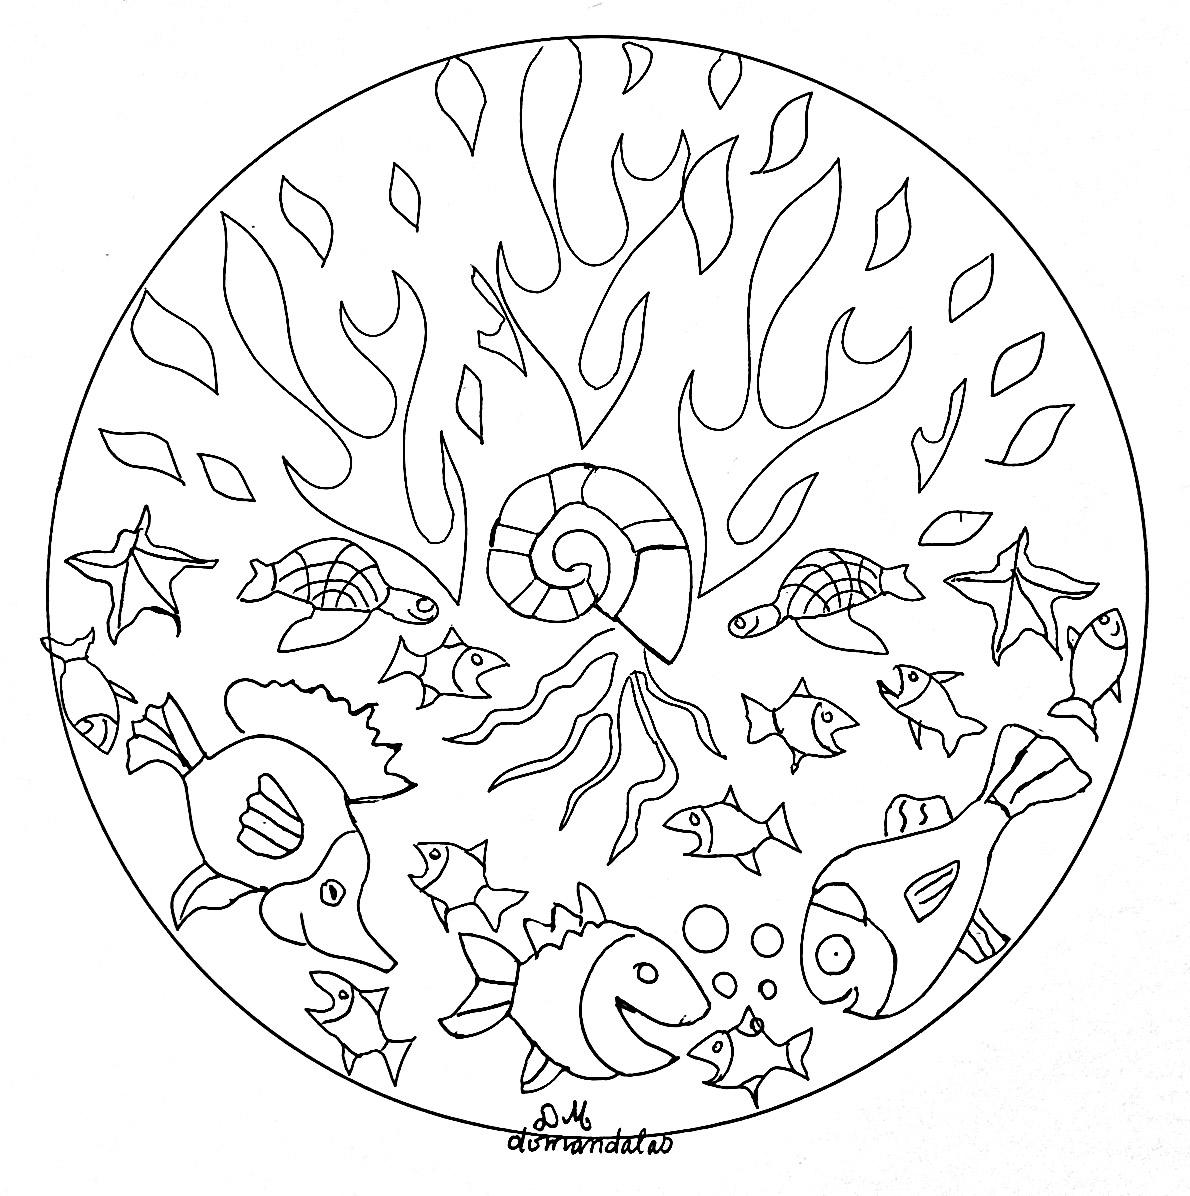 Mandala Facile Des Fonds Marins - Mandalas Sur Le Thème Des à Mandala Facile À Imprimer